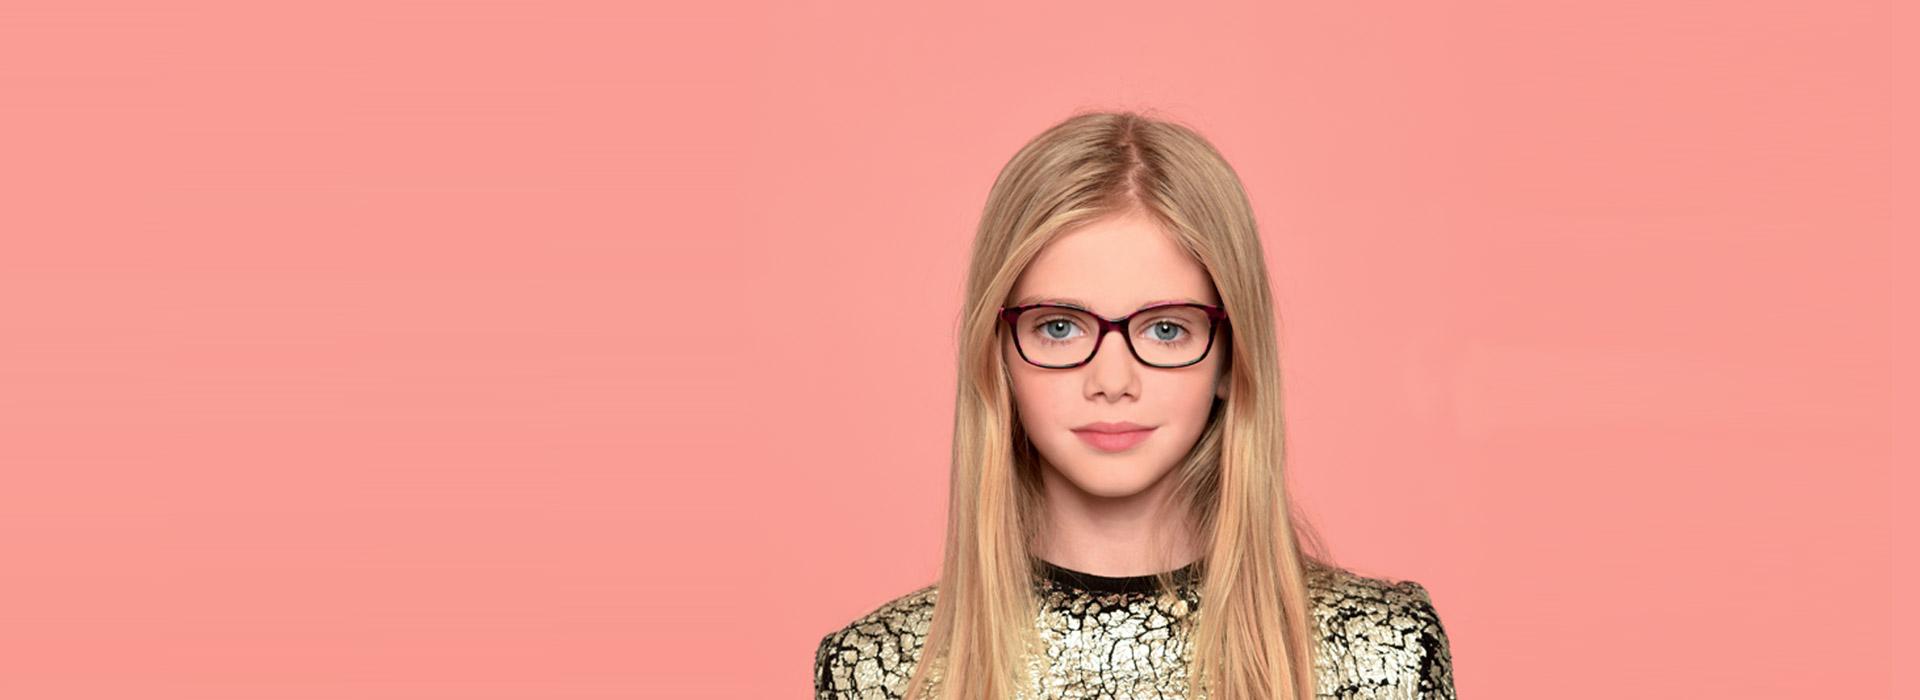 lunettes noire jeune fille